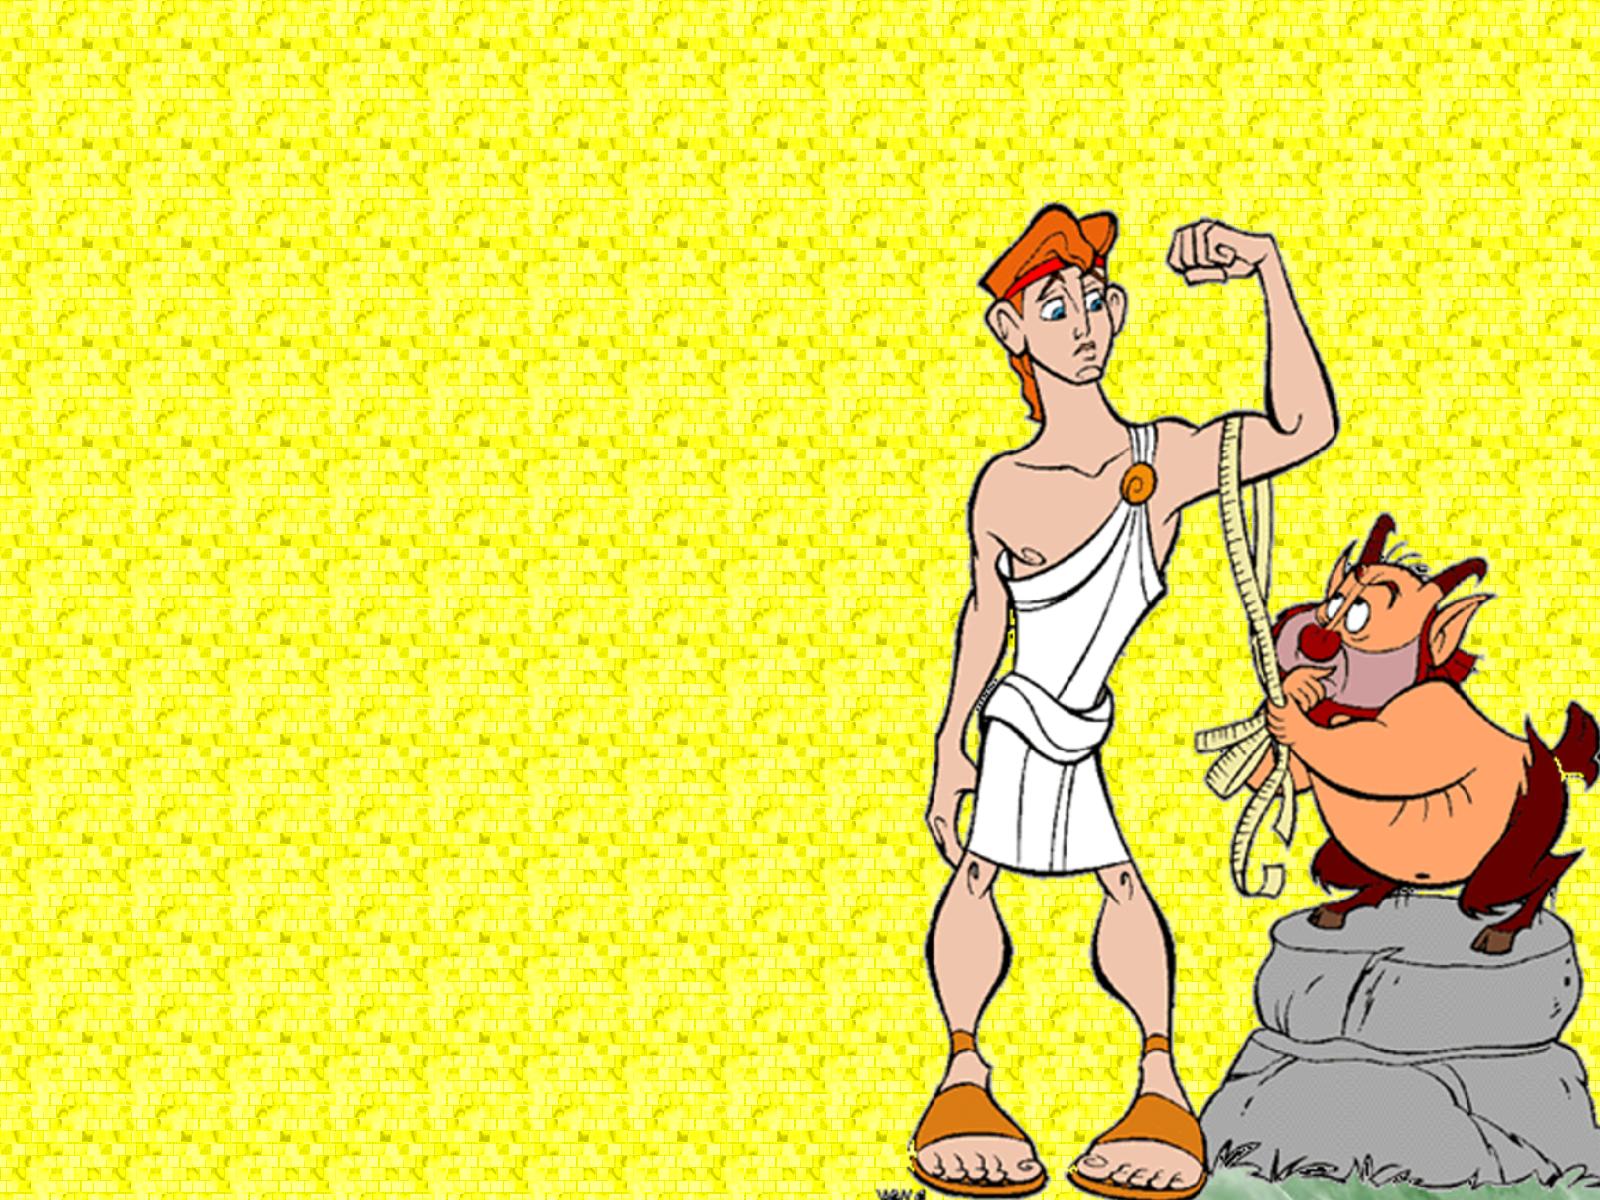 Hercules Wallpaper   Hercules Wallpaper 33993903 1600x1200